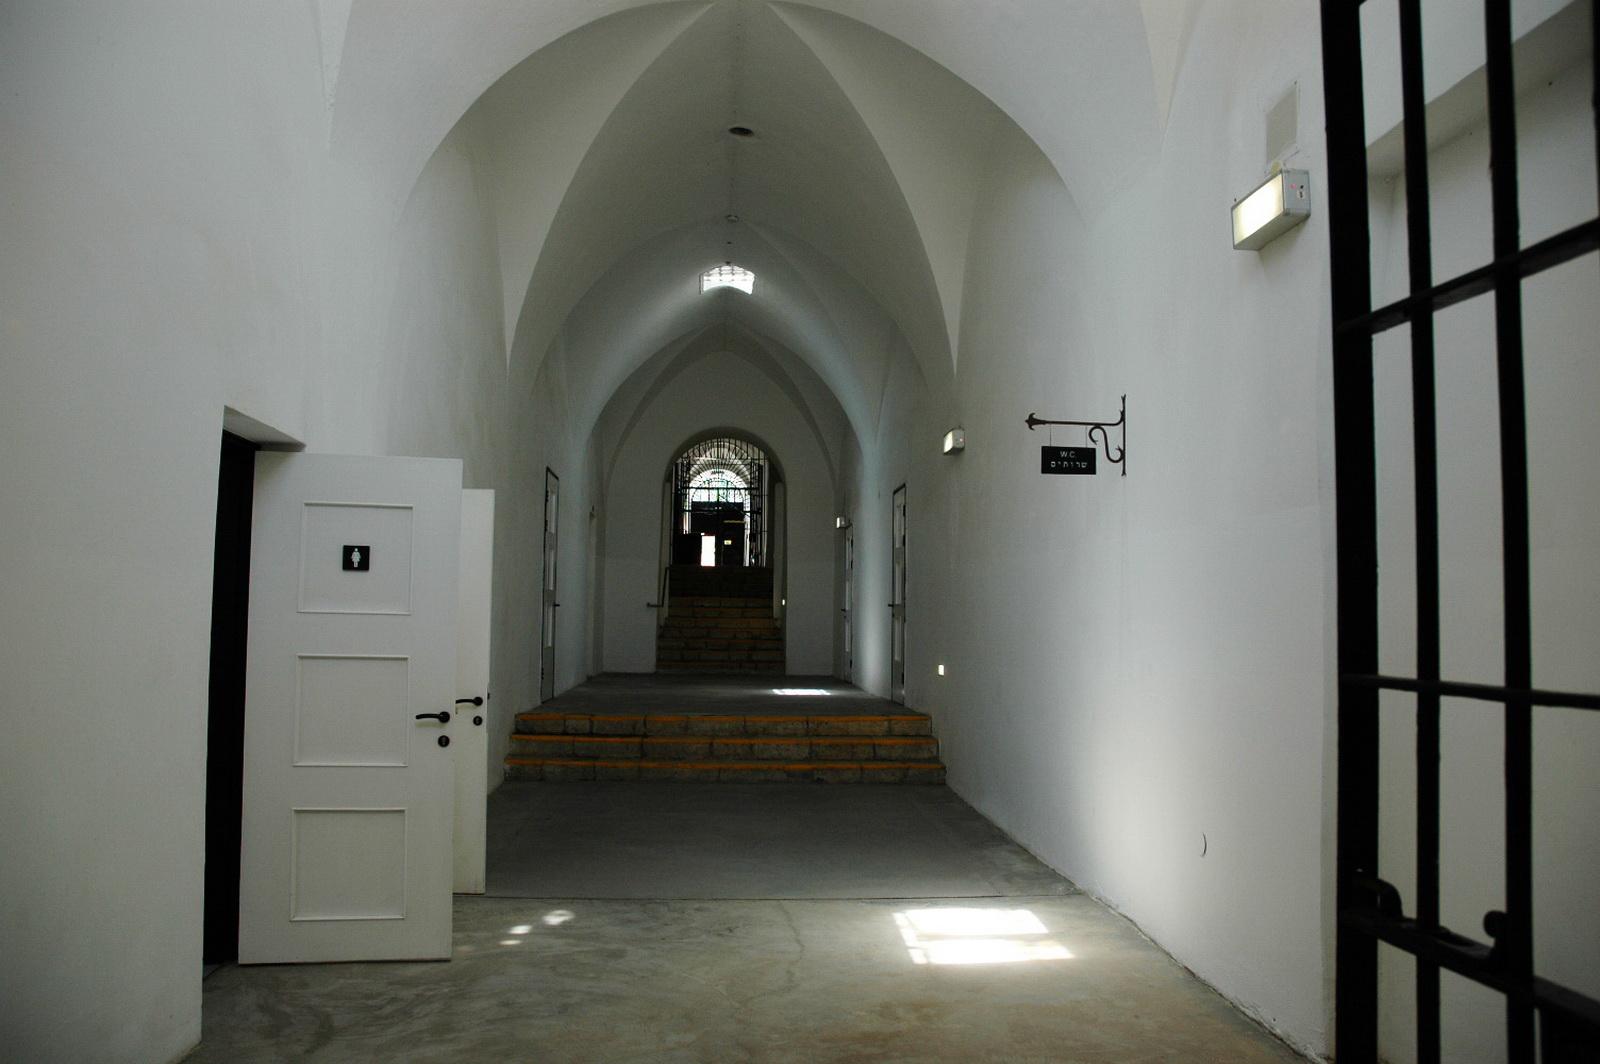 מוזיאון המחתרות - מסדרון